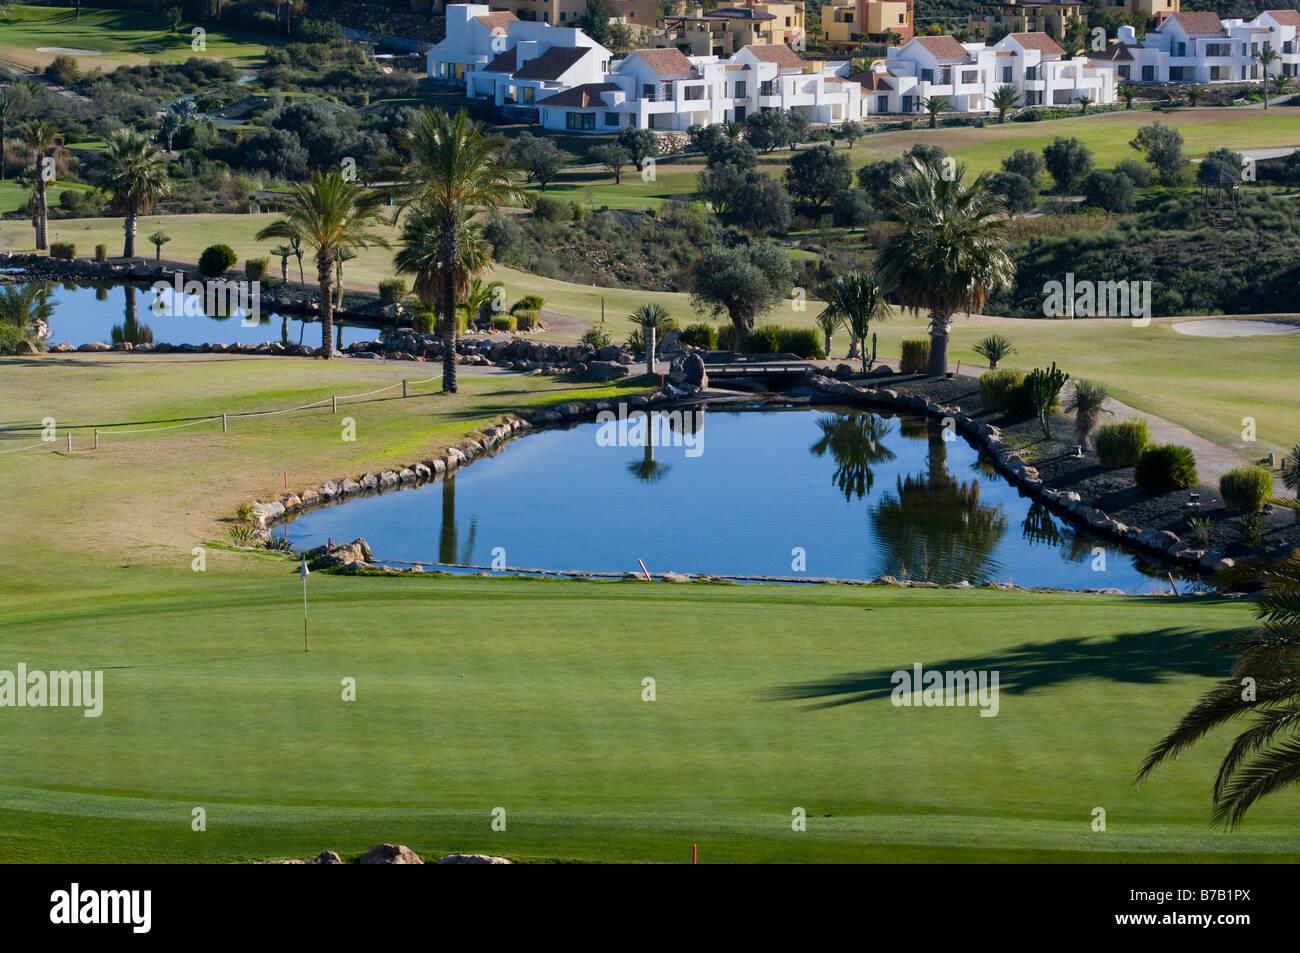 El Campo de Golf Valle Del Este Vera Almería España Resorts de Golf CURSOS Foto de stock